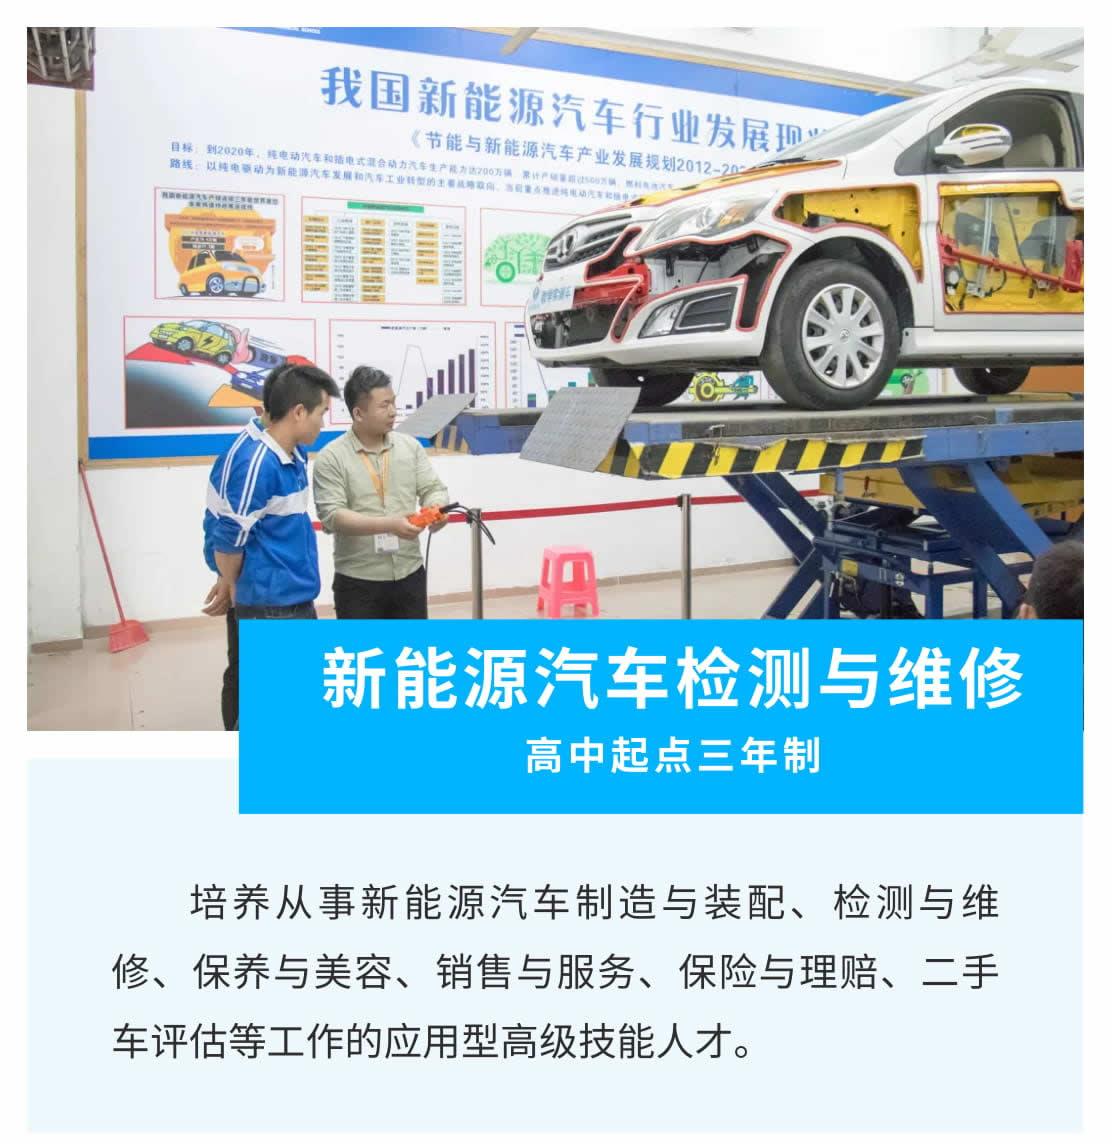 专业介绍 _ 新能源汽车检测与维修(高中起点三年制)-1_r1_c1.jpg